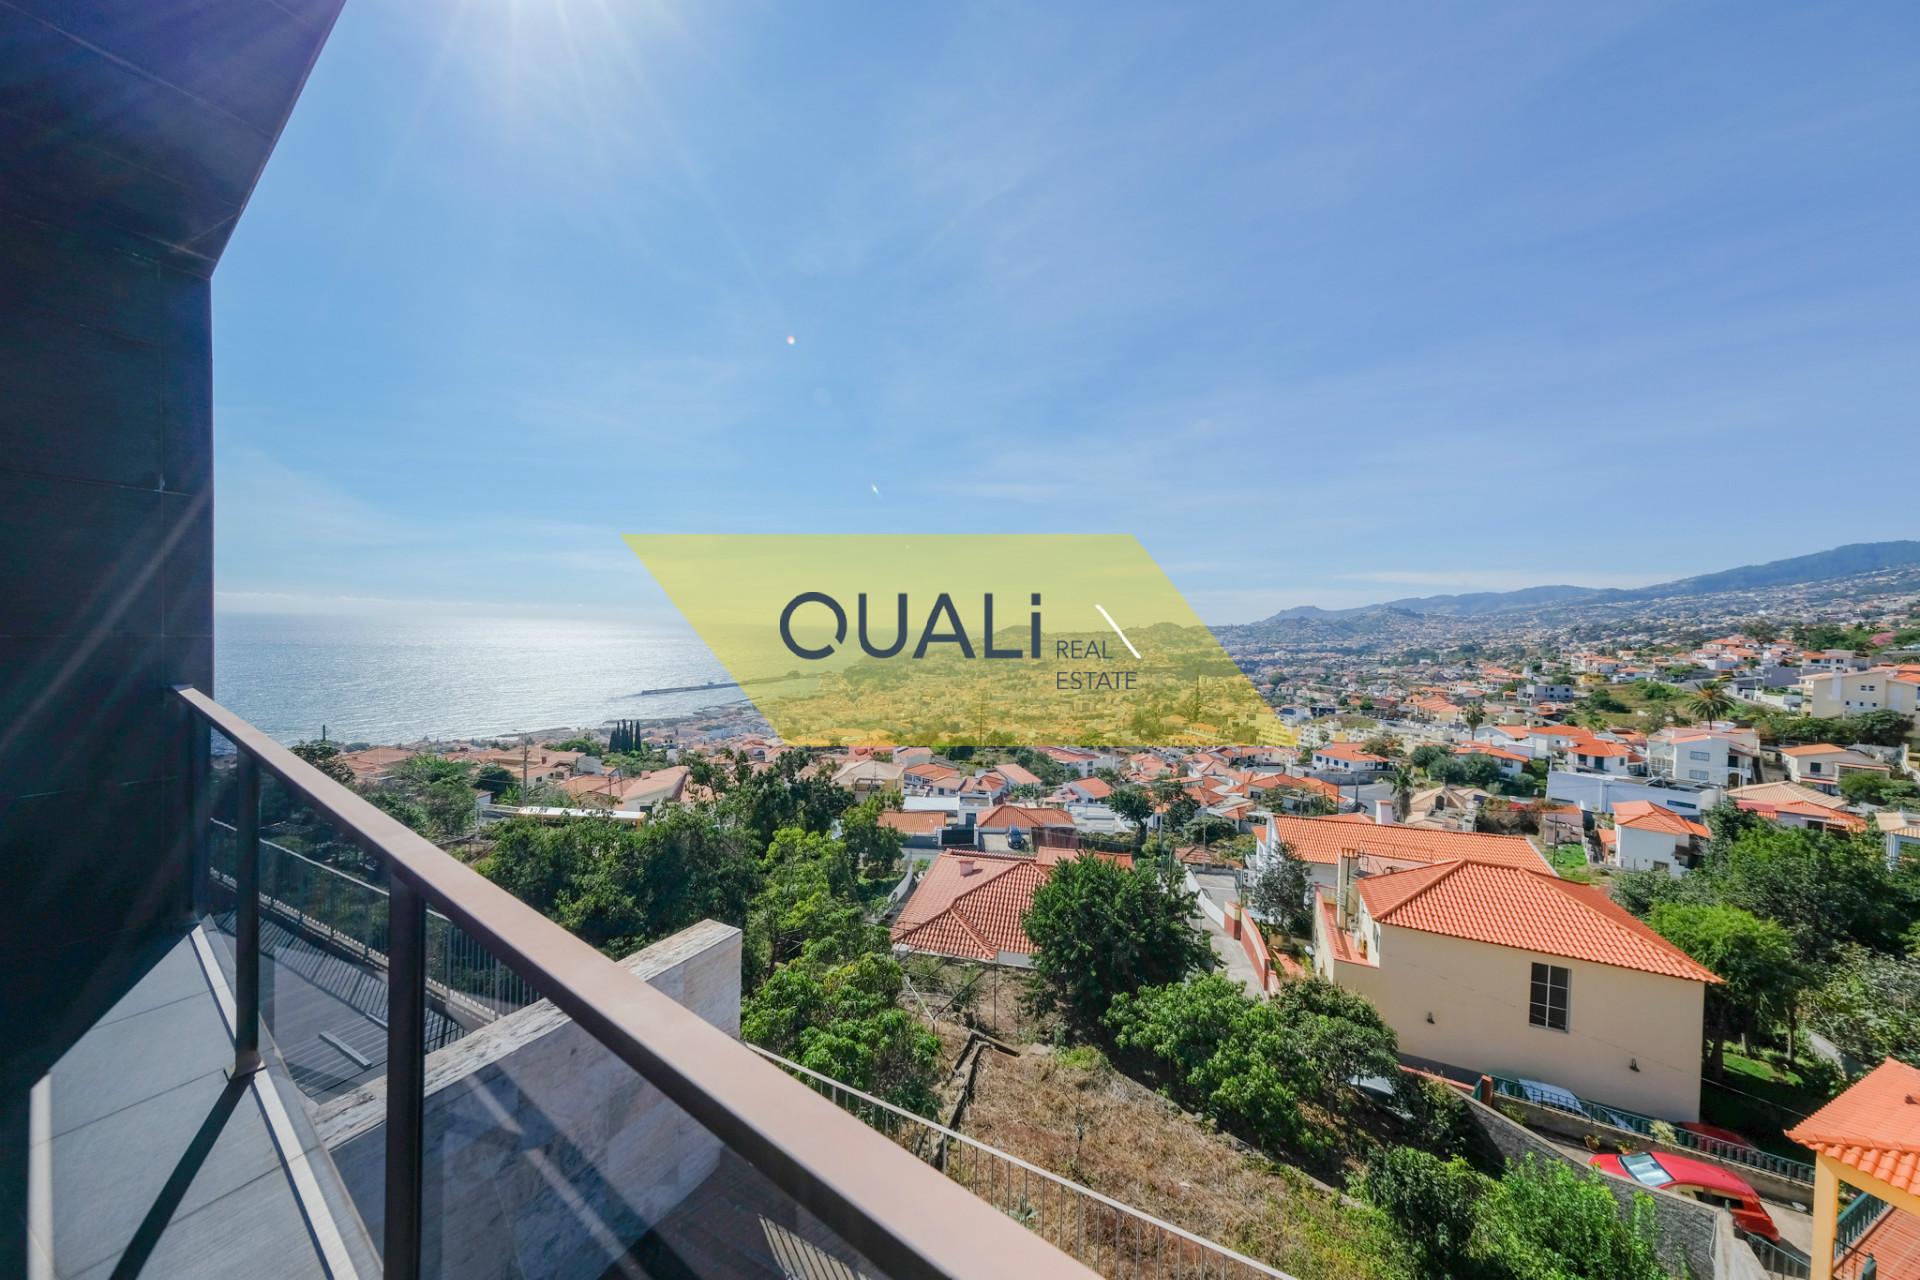 Villa con 3 camere da letto, Funchal - Isola di Madeira - € 625.000,00